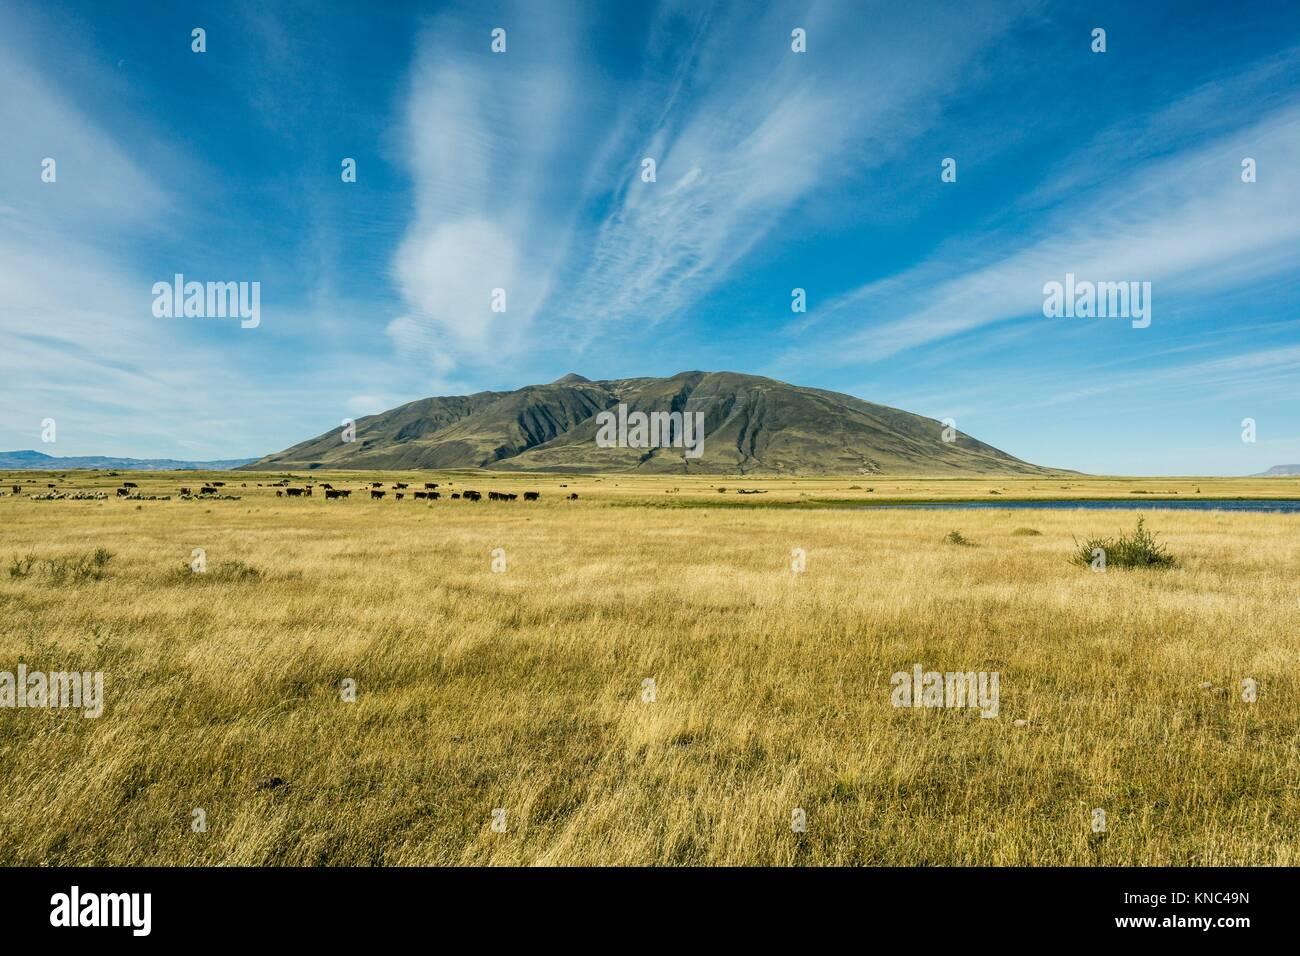 Die Rinder in der Pampa in der Nähe von Lago Roca, Patagonien, Argentinien. Stockbild